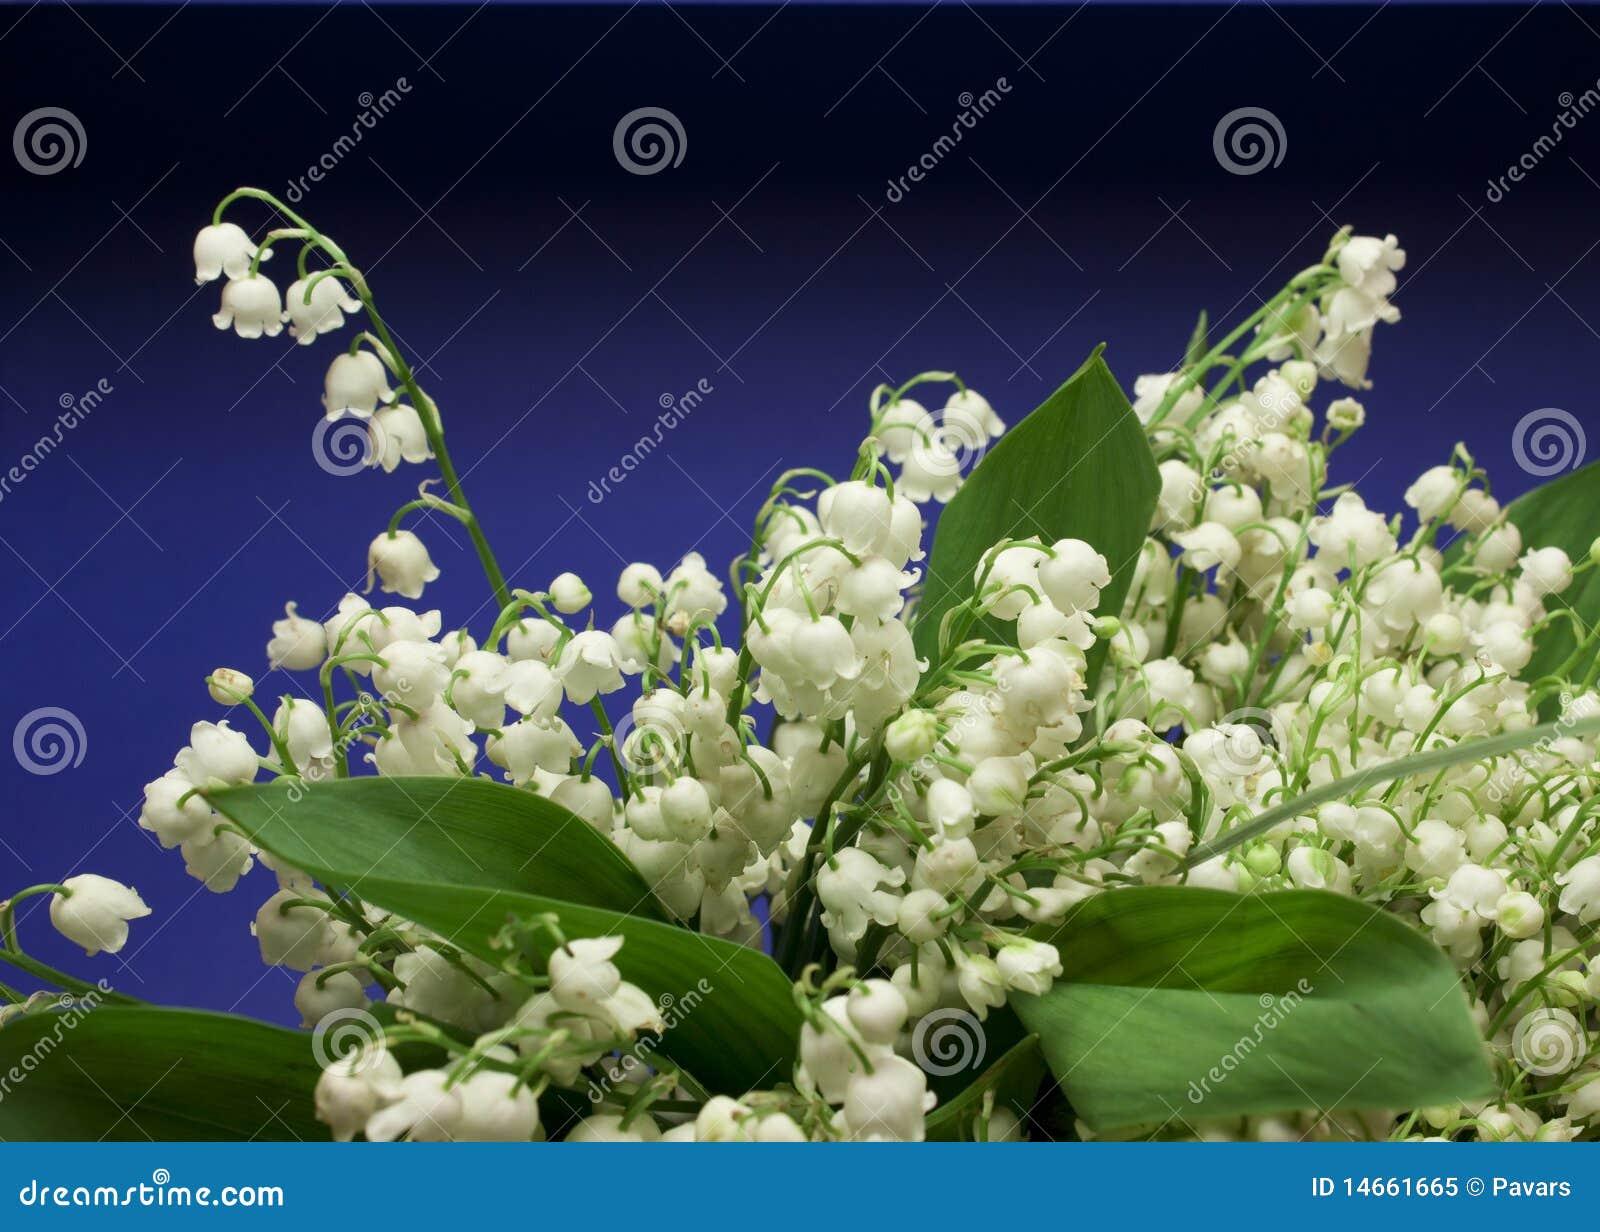 Flores frescas bonitas do lily of the valley foto de stock royalty free ima - Les plus belles suites parentales ...